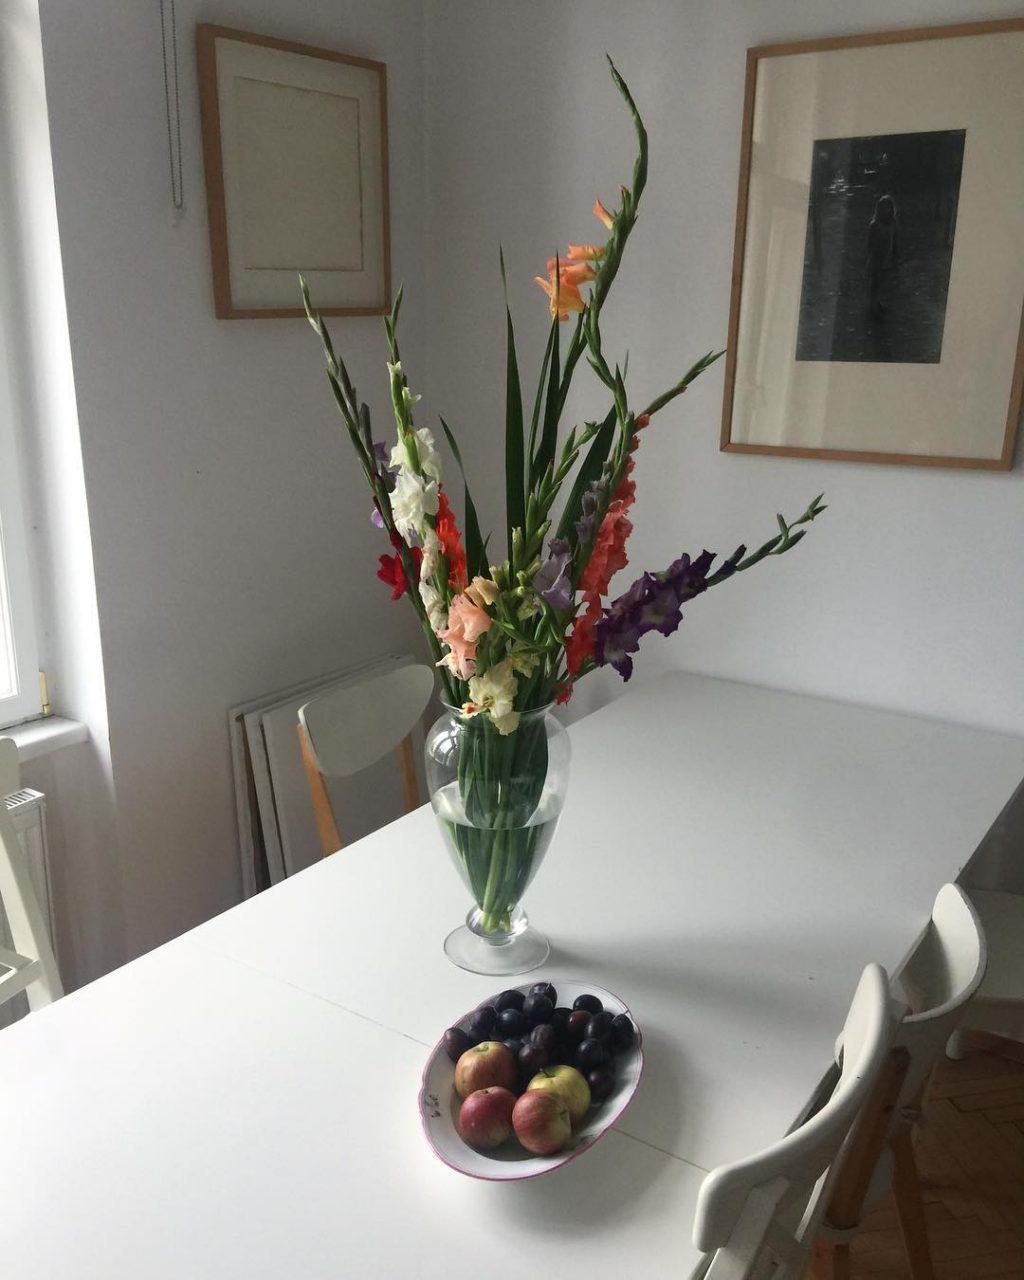 Květiny dokáží minimalisticky čistý byt nádherně rozzářit